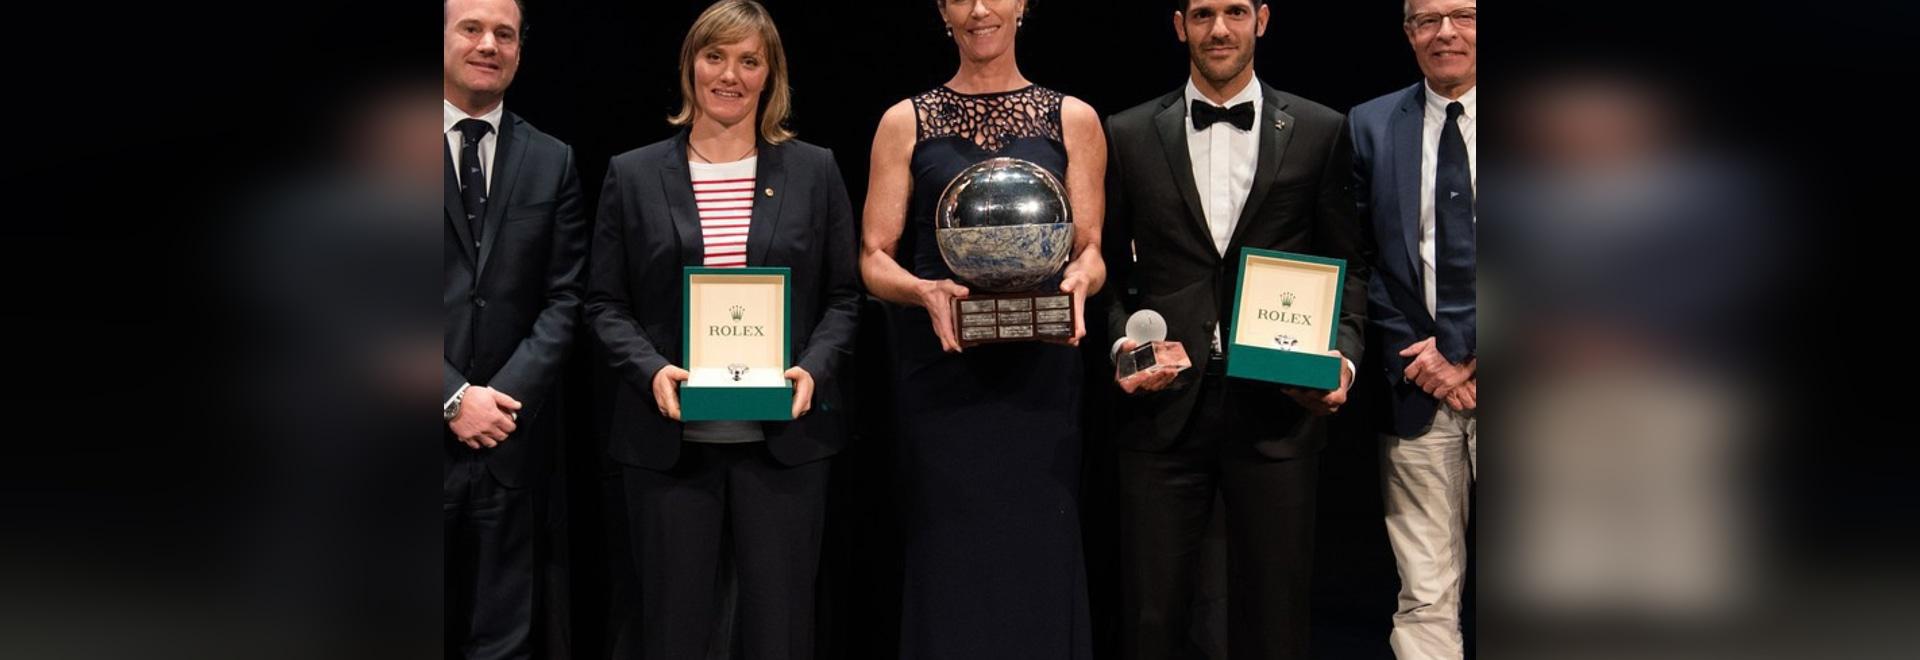 Eccellenza riconosciuta al mondo 2018 che naviga i premi